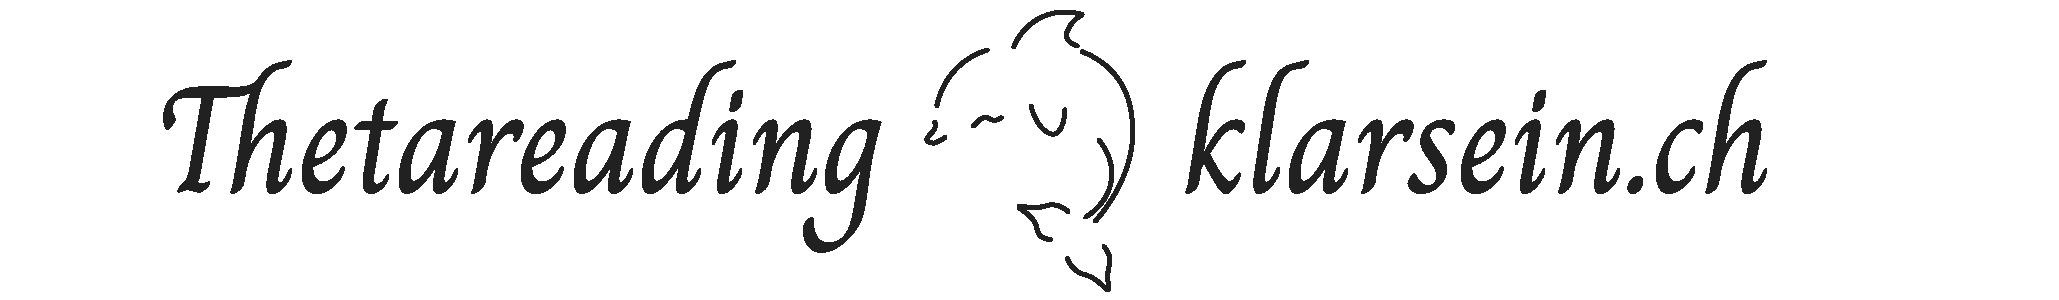 Thetareading klarsein Logo